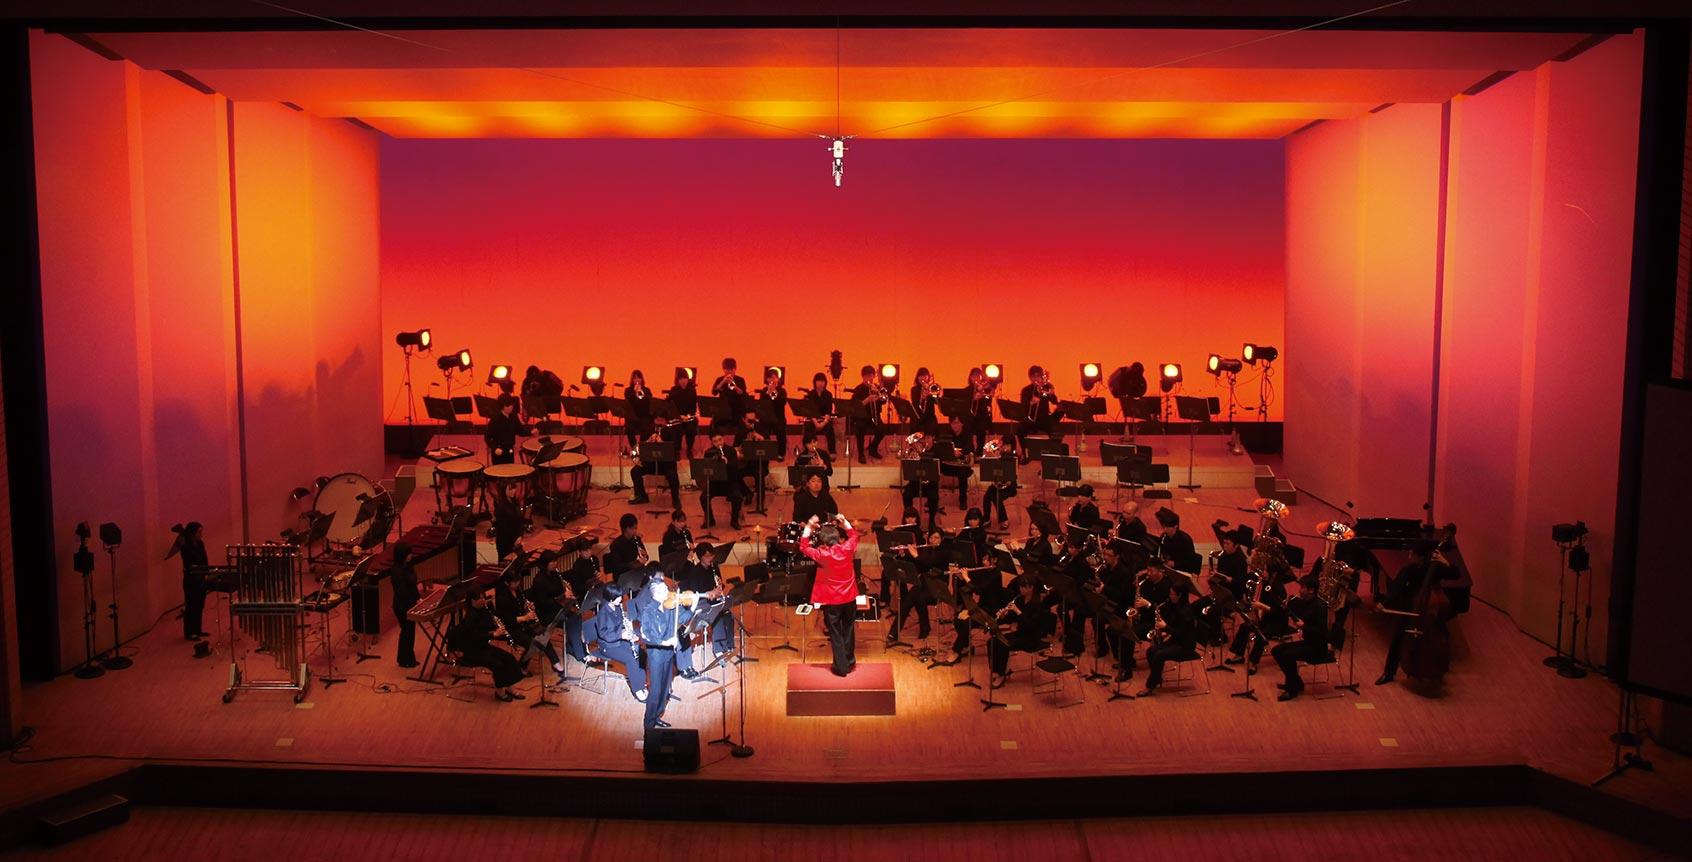 吹奏楽とバイオリンの共演ステージ 石田泰尚氏